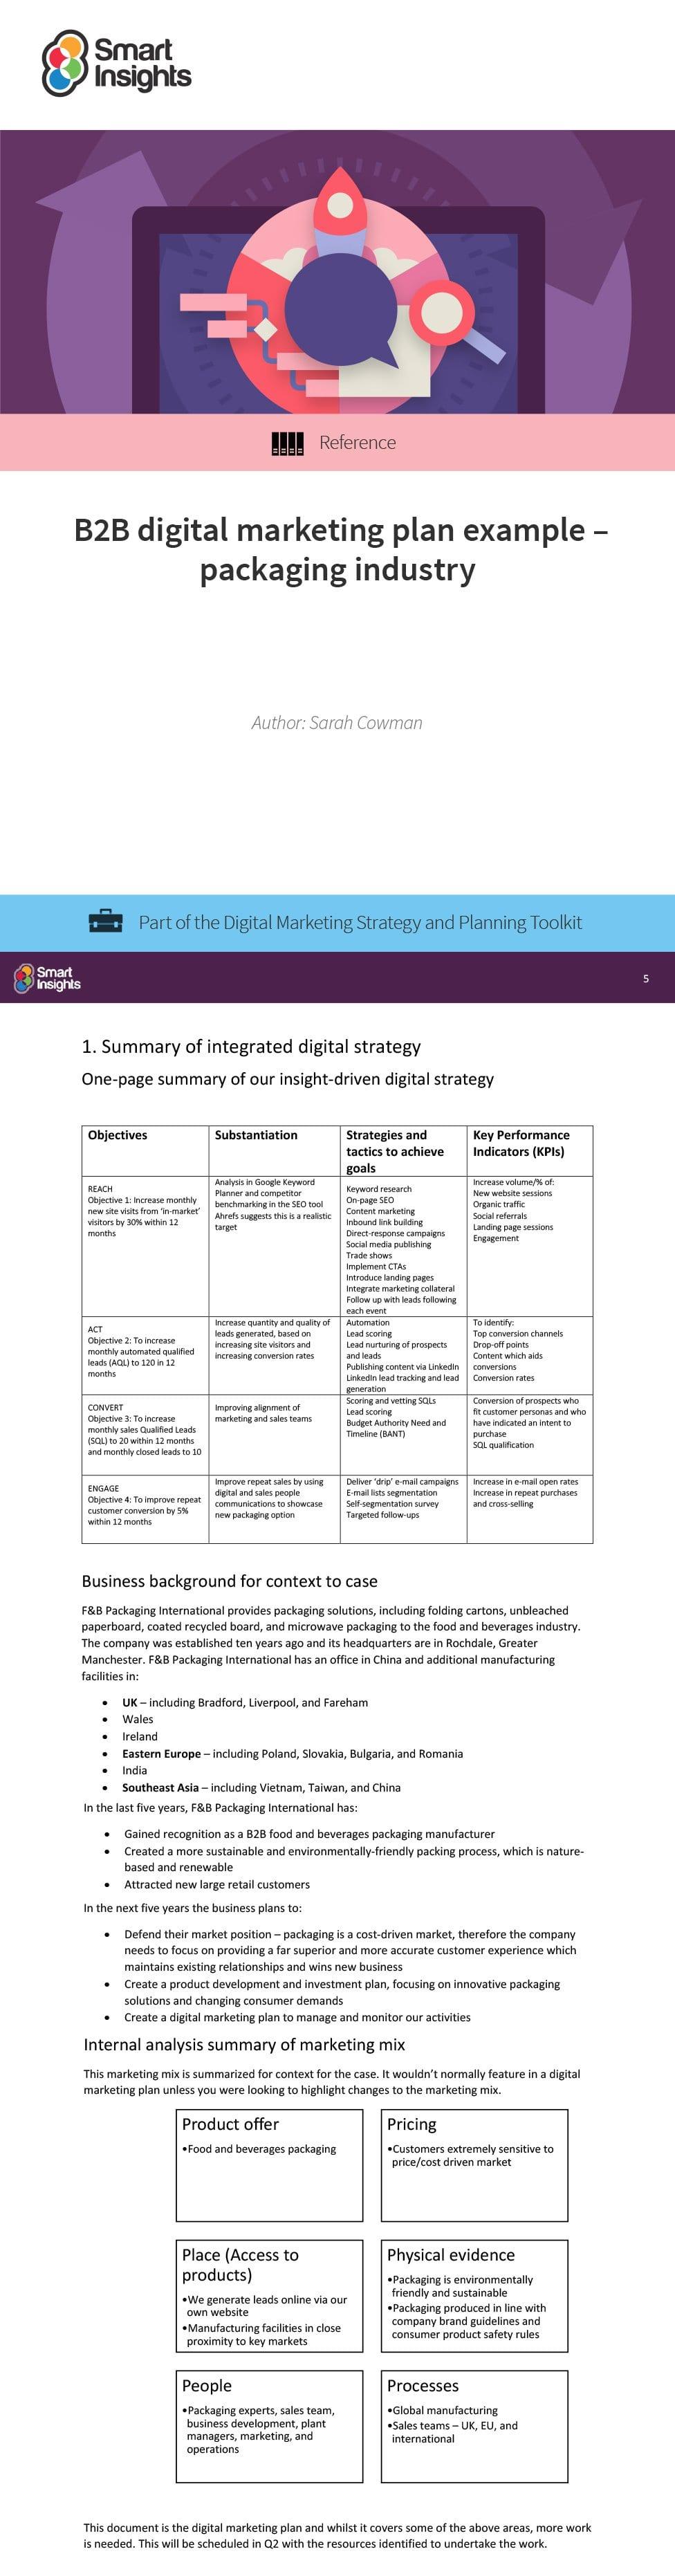 digital marketing plan packaging insidelook v2